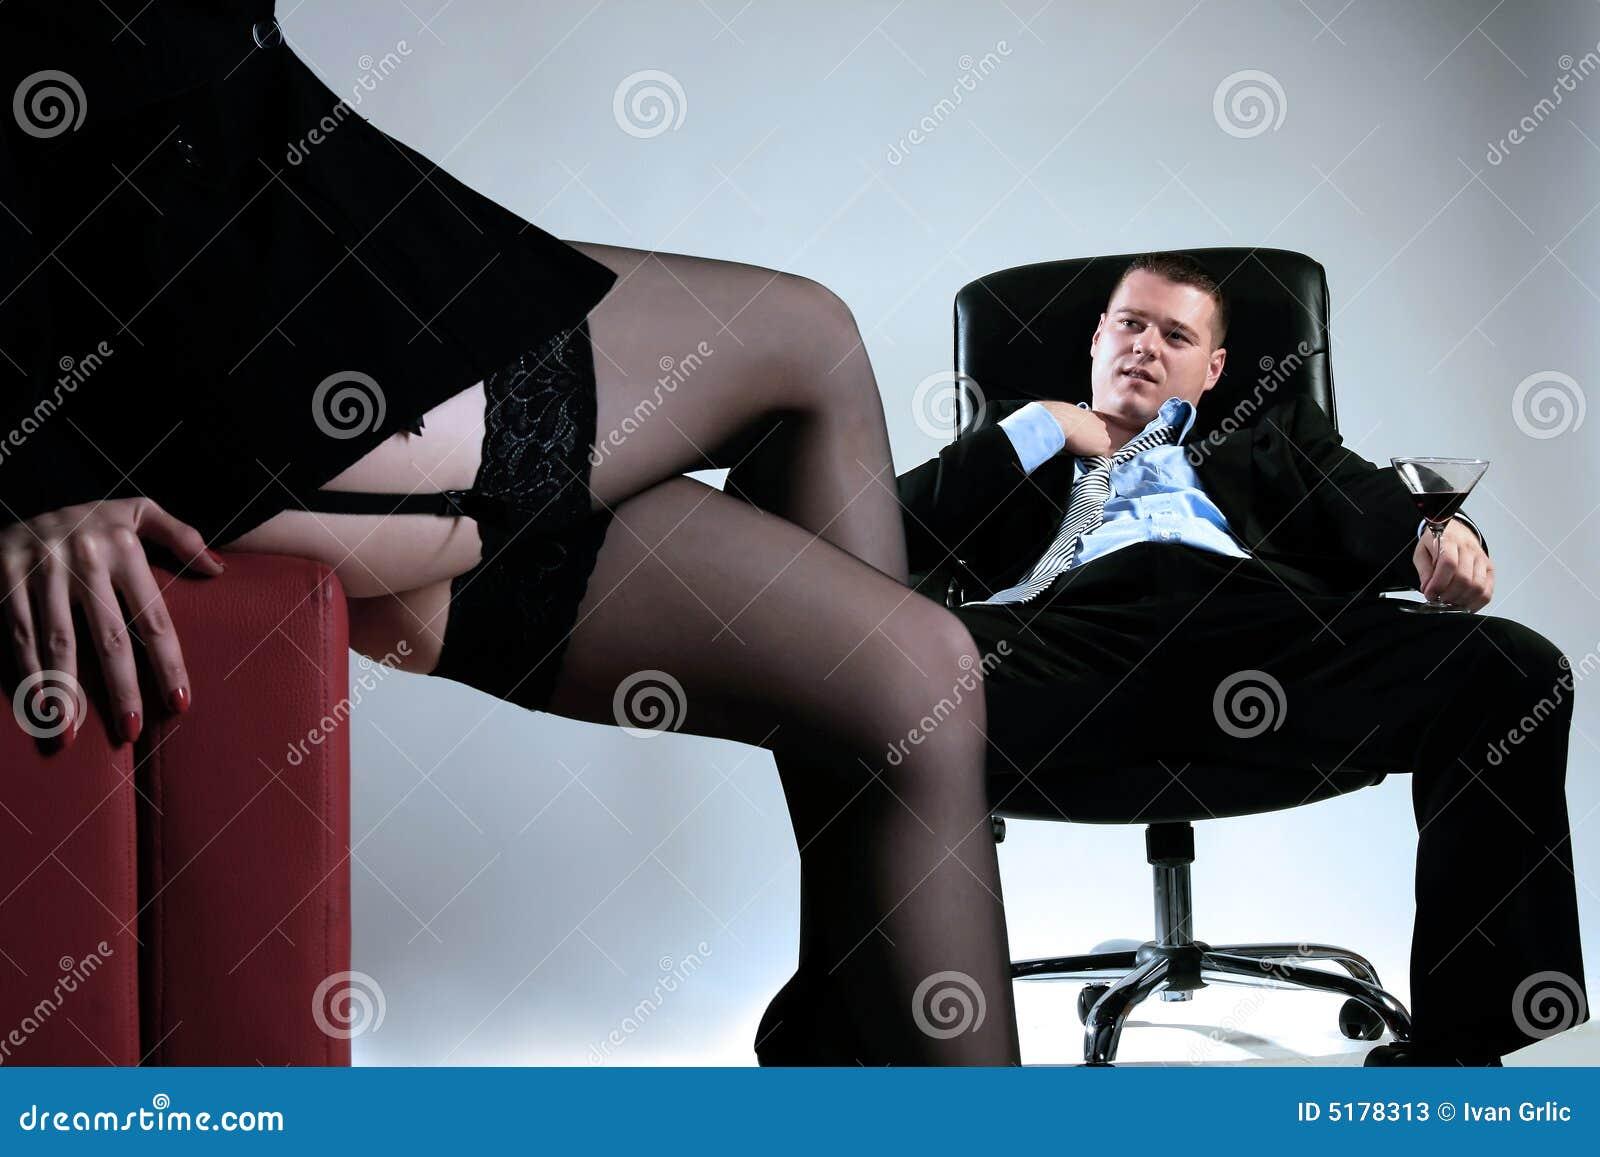 Рассказы про офисный секс 16 фотография